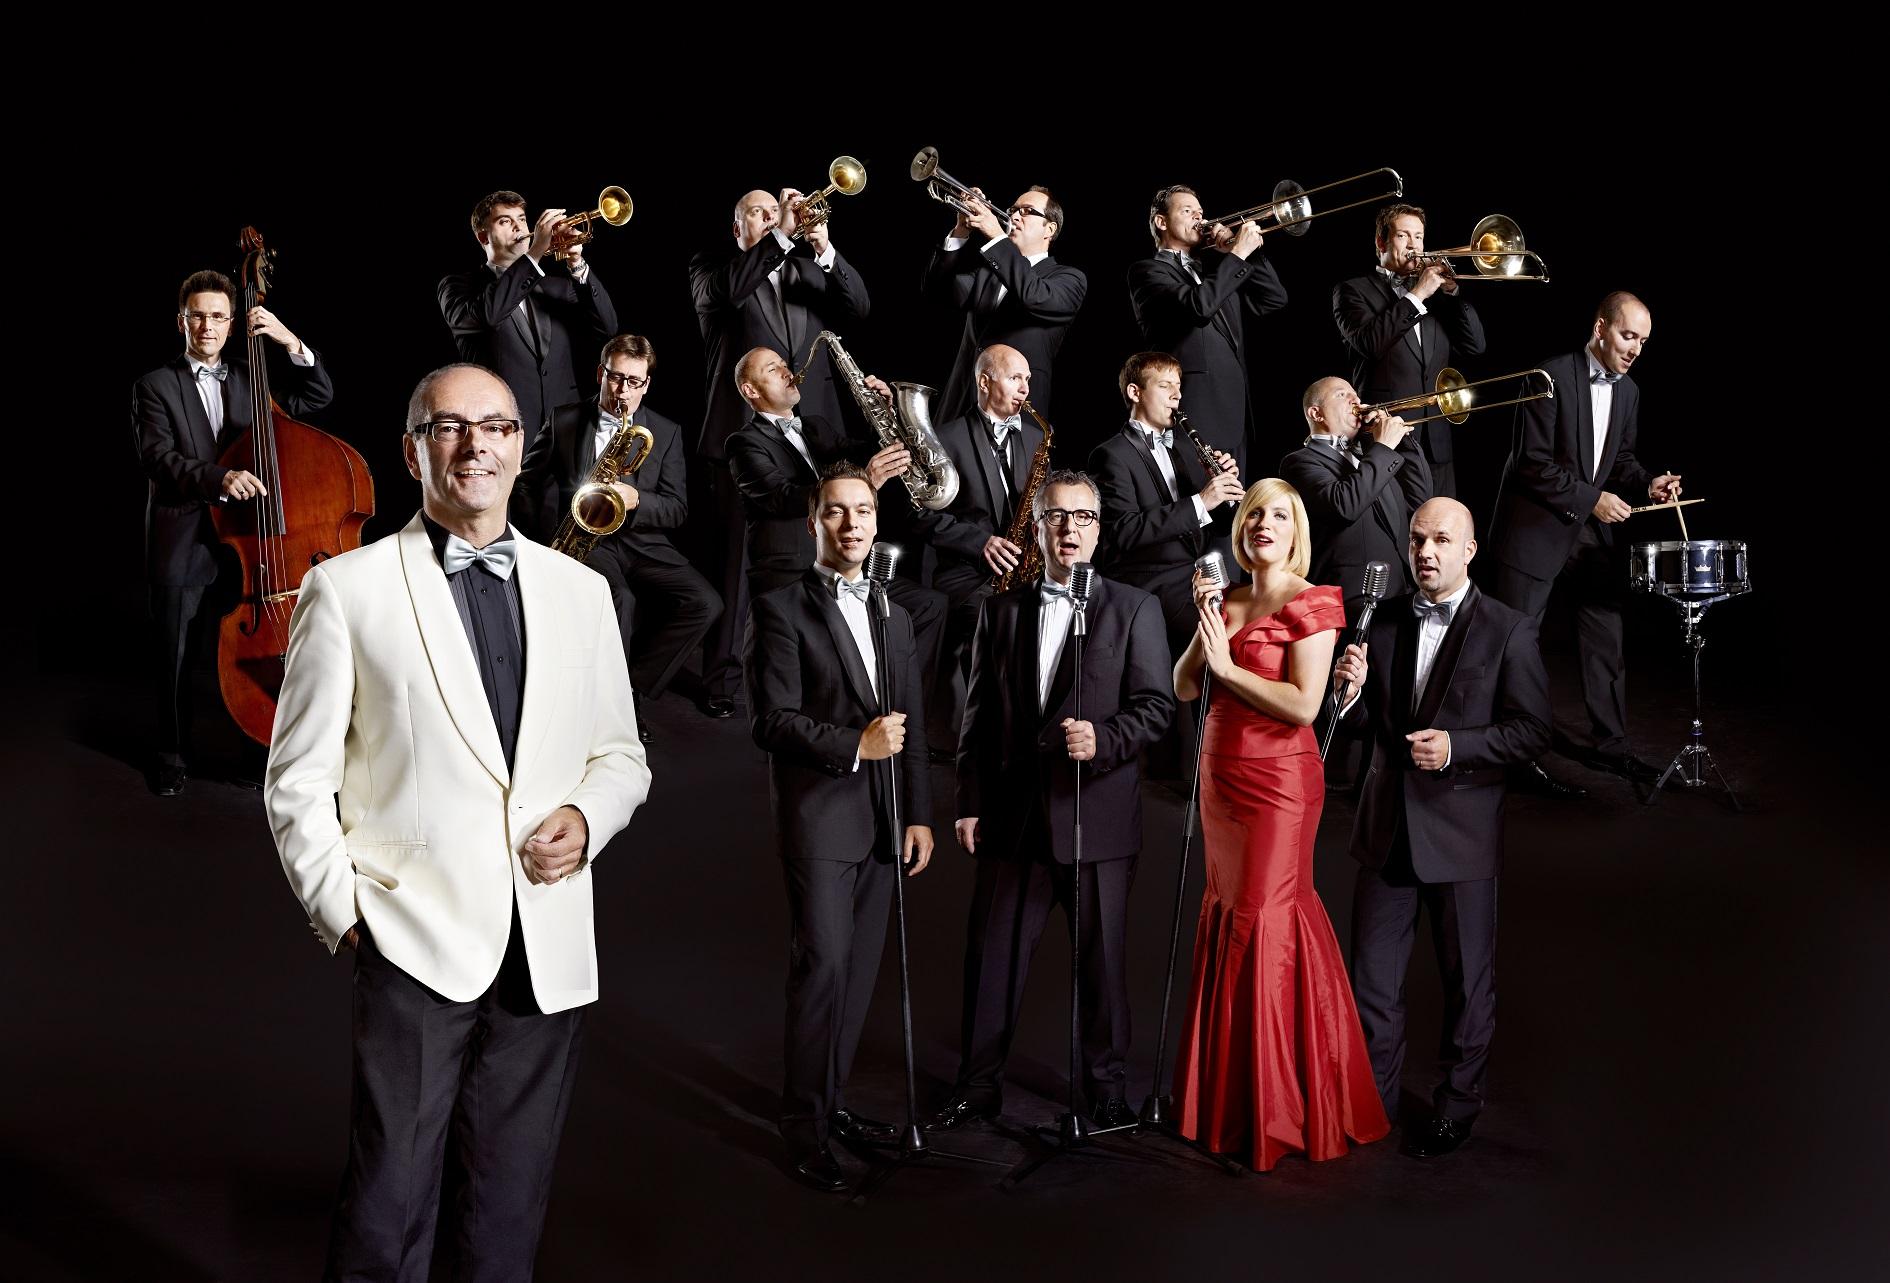 Специални изненади и неизпълнявани композиции на концерта на Glenn Miller Orchestra на 22 март в София